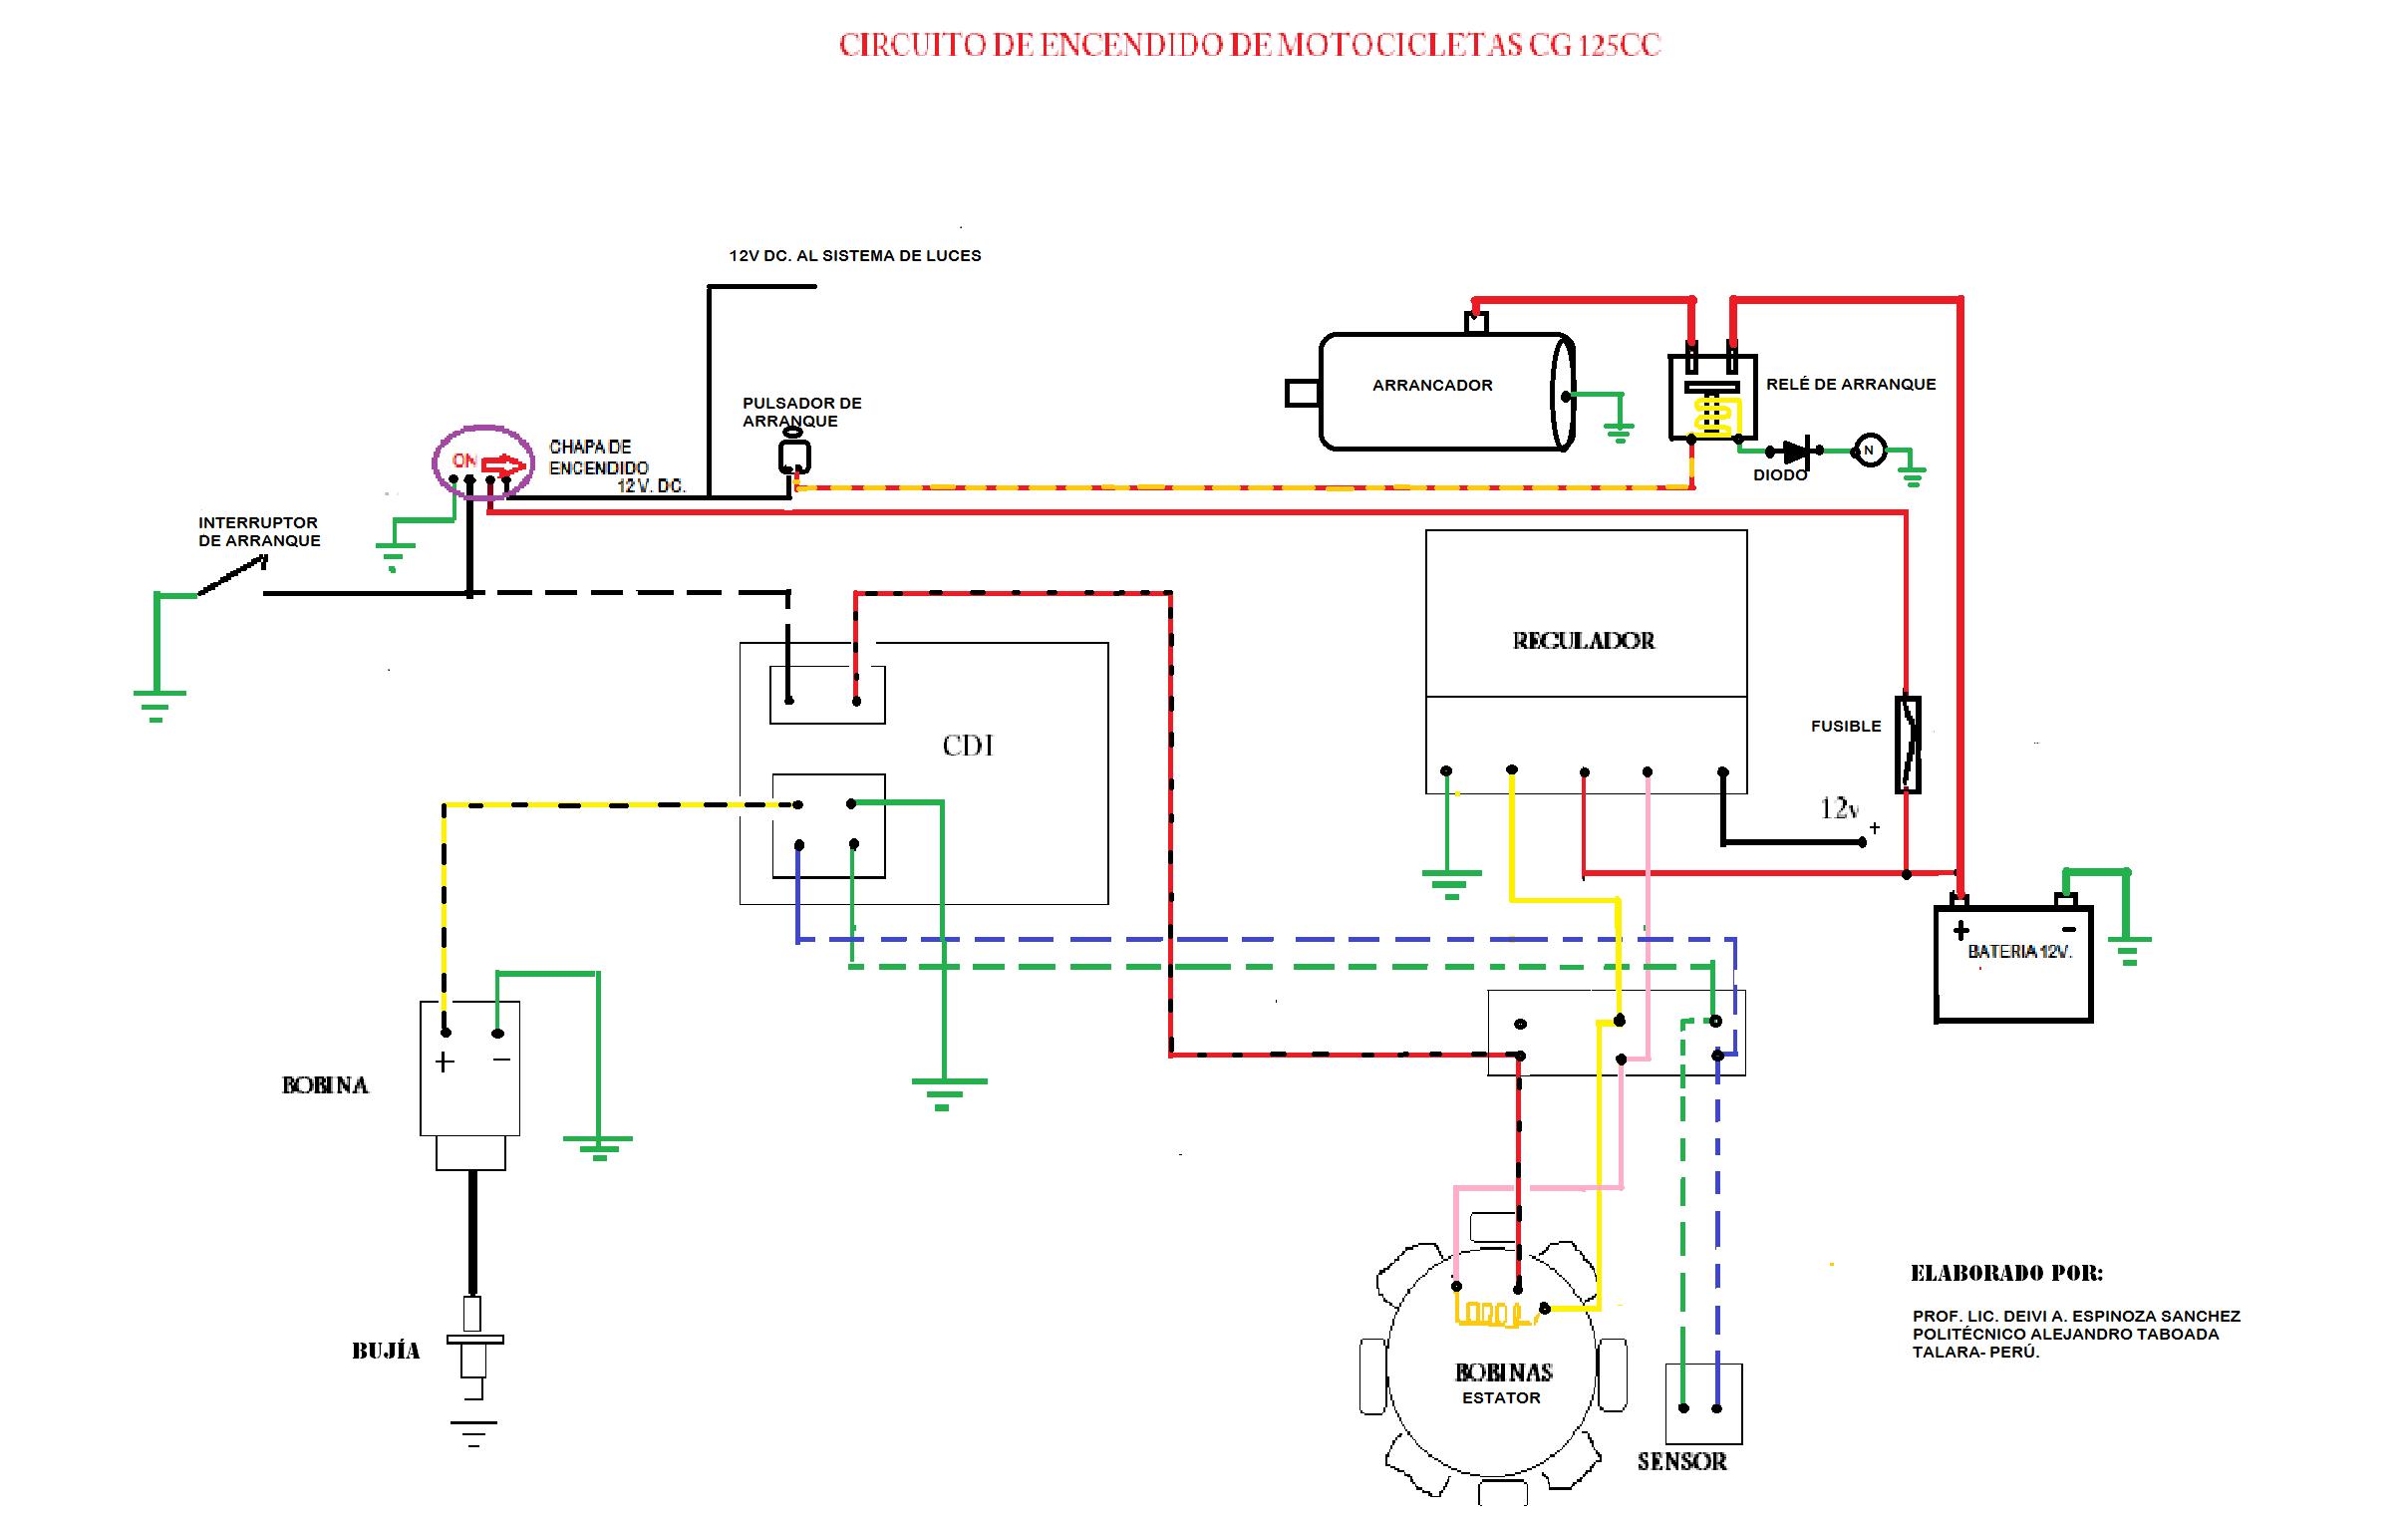 Diagrama El U00c9ctrico De Una Moto Rtm 125 Cc